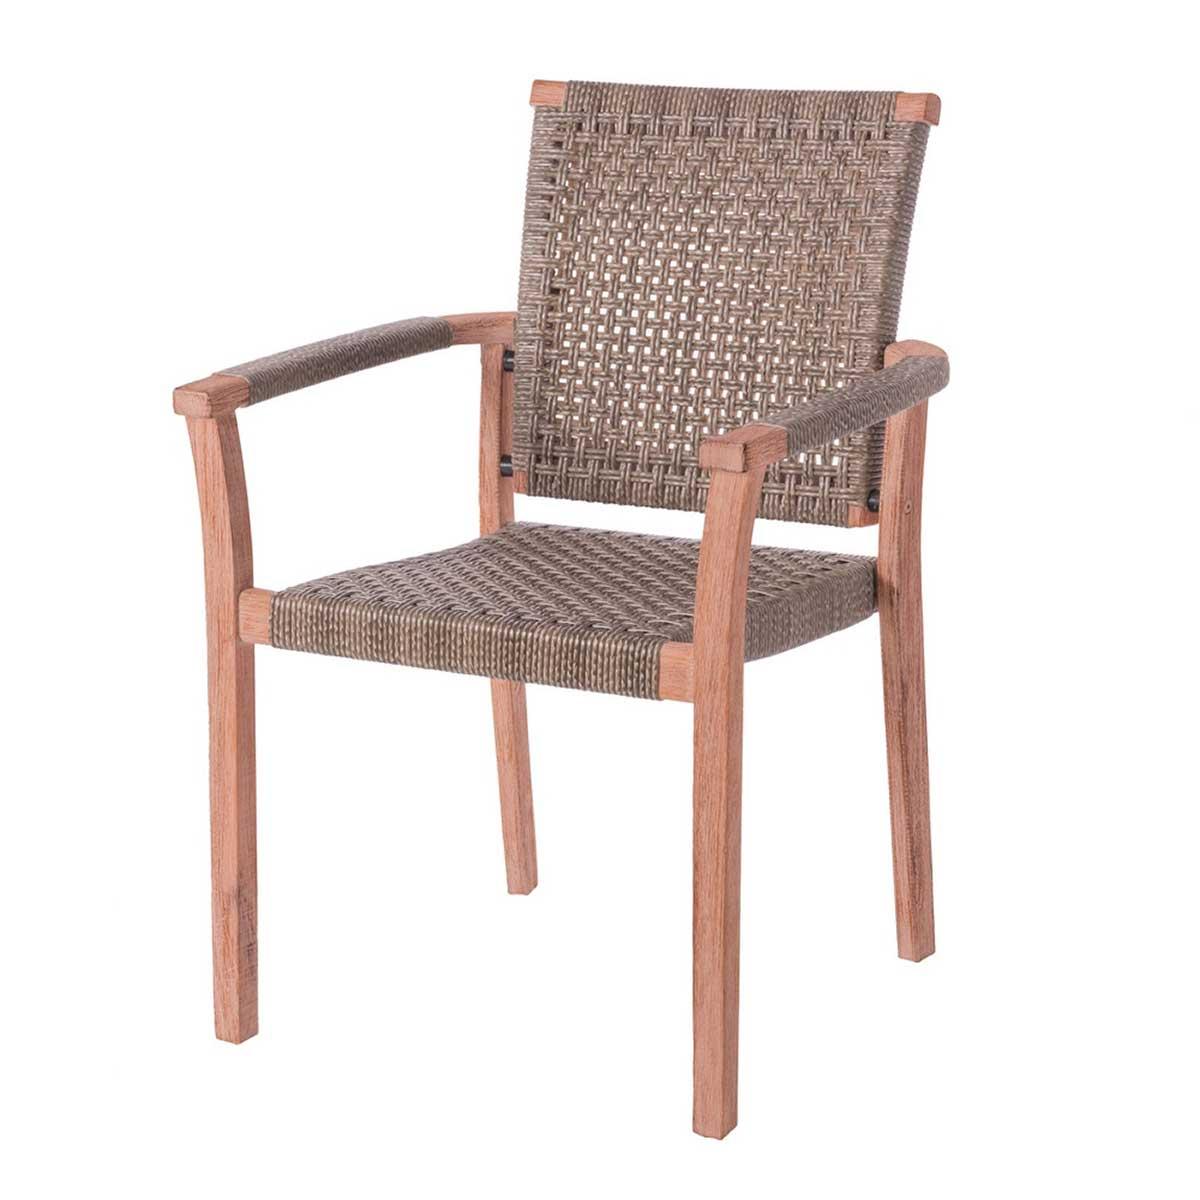 Lot de 4 chaises empilables en bois et rotin - Champagne - 62.50 cm x 60.00 cm x 88.00 cm